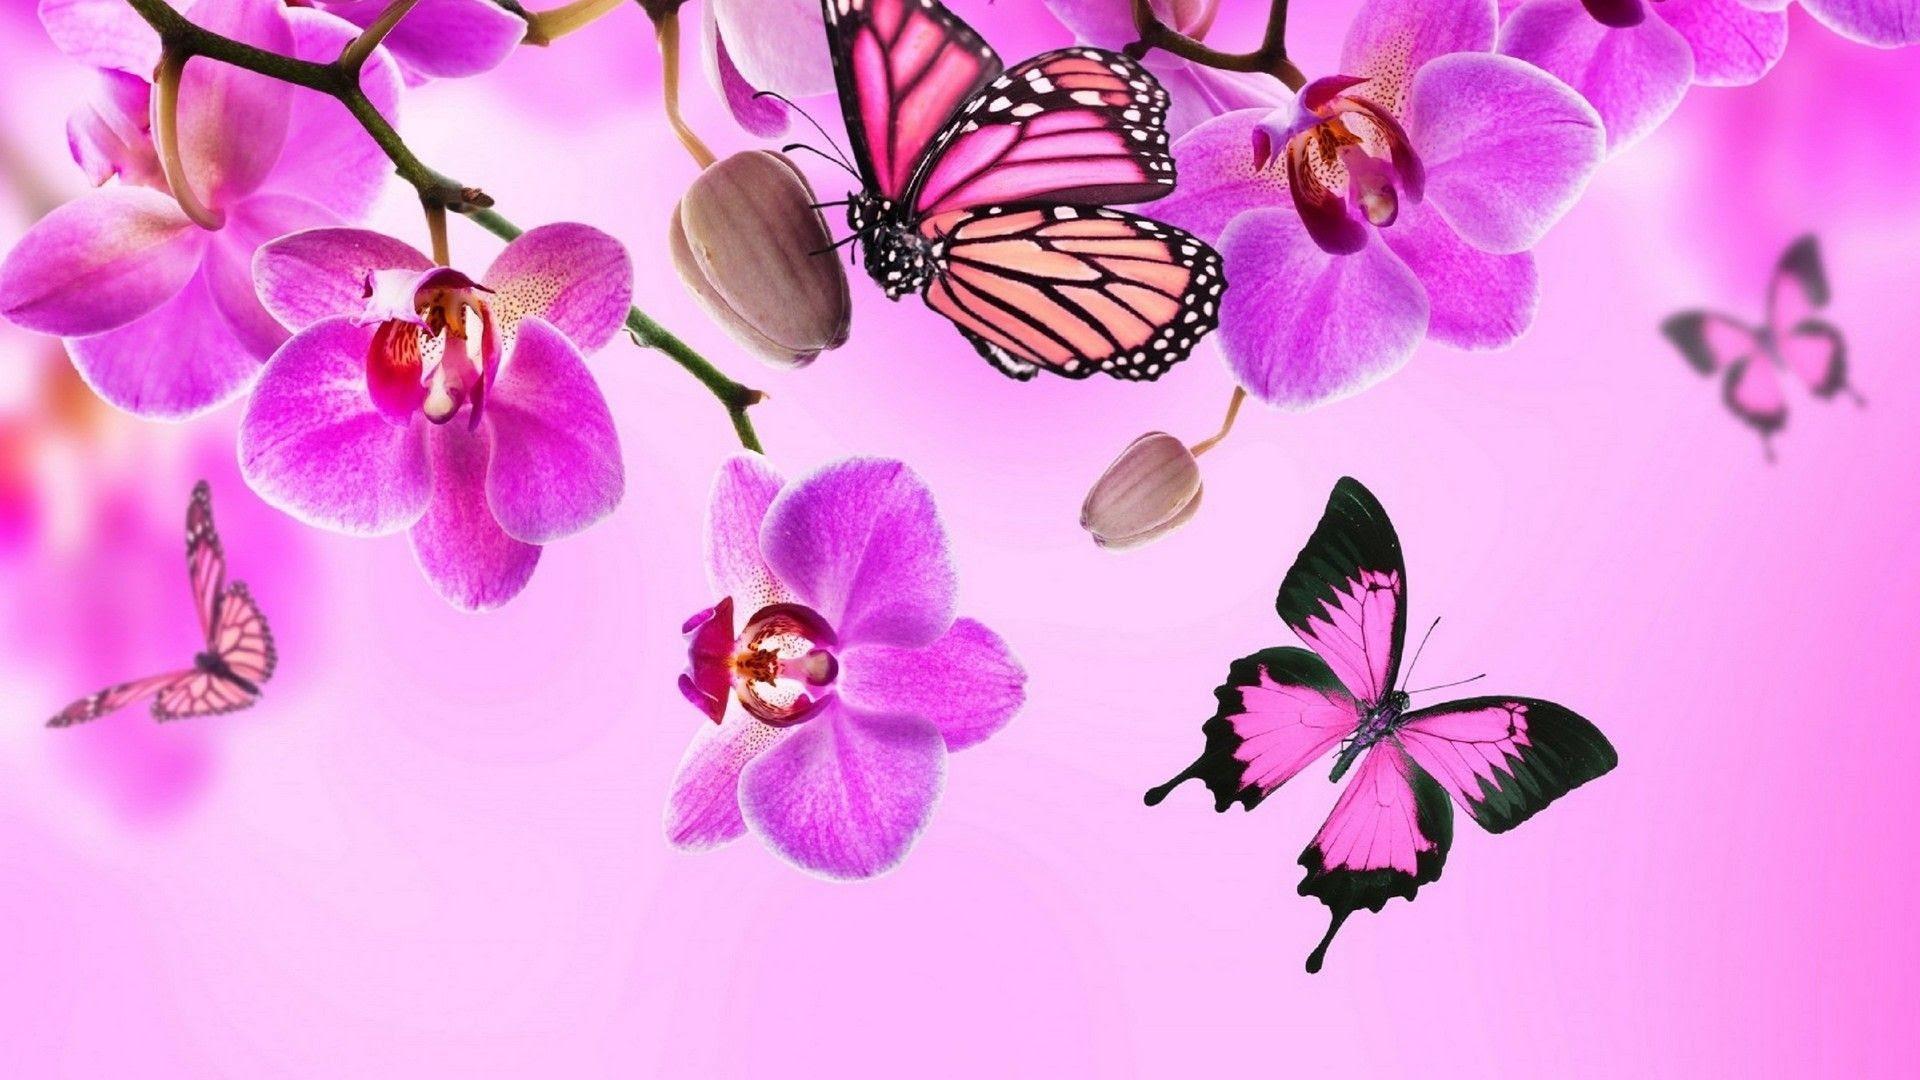 Pink Butterflies Wallpaper (69+ images)